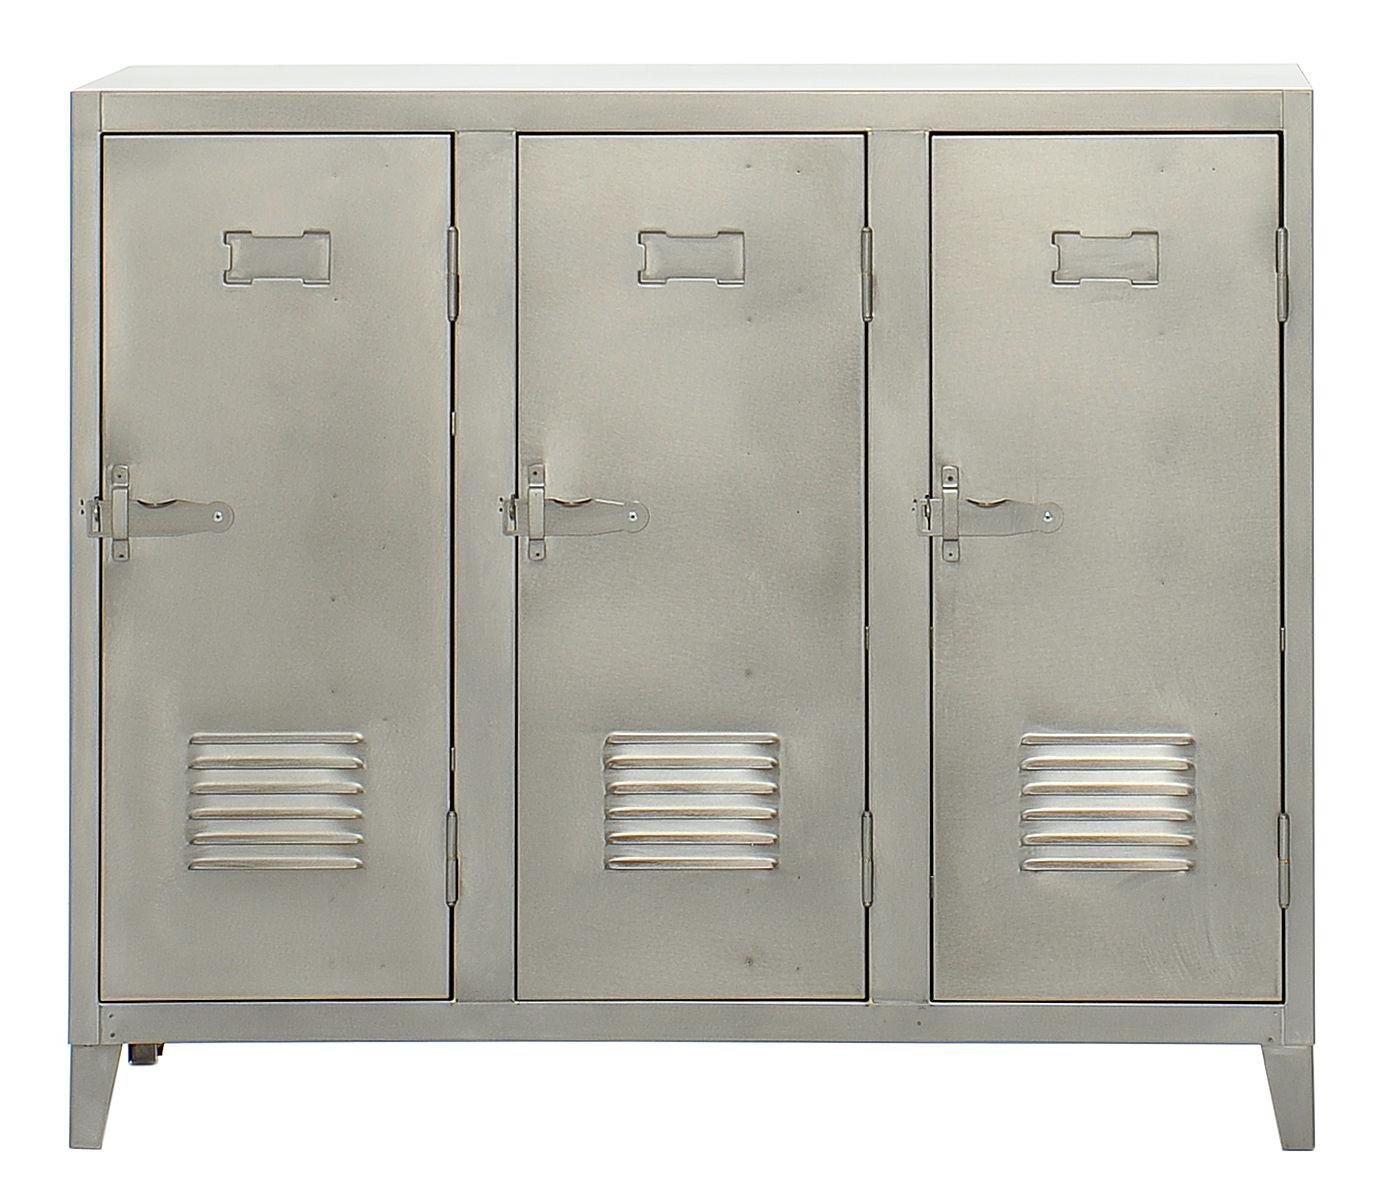 Mobilier - Meubles de rangement - Rangement Vestiaire bas / 3 portes - Acier - Tolix - Acier brut verni satiné - Acier brut verni mat